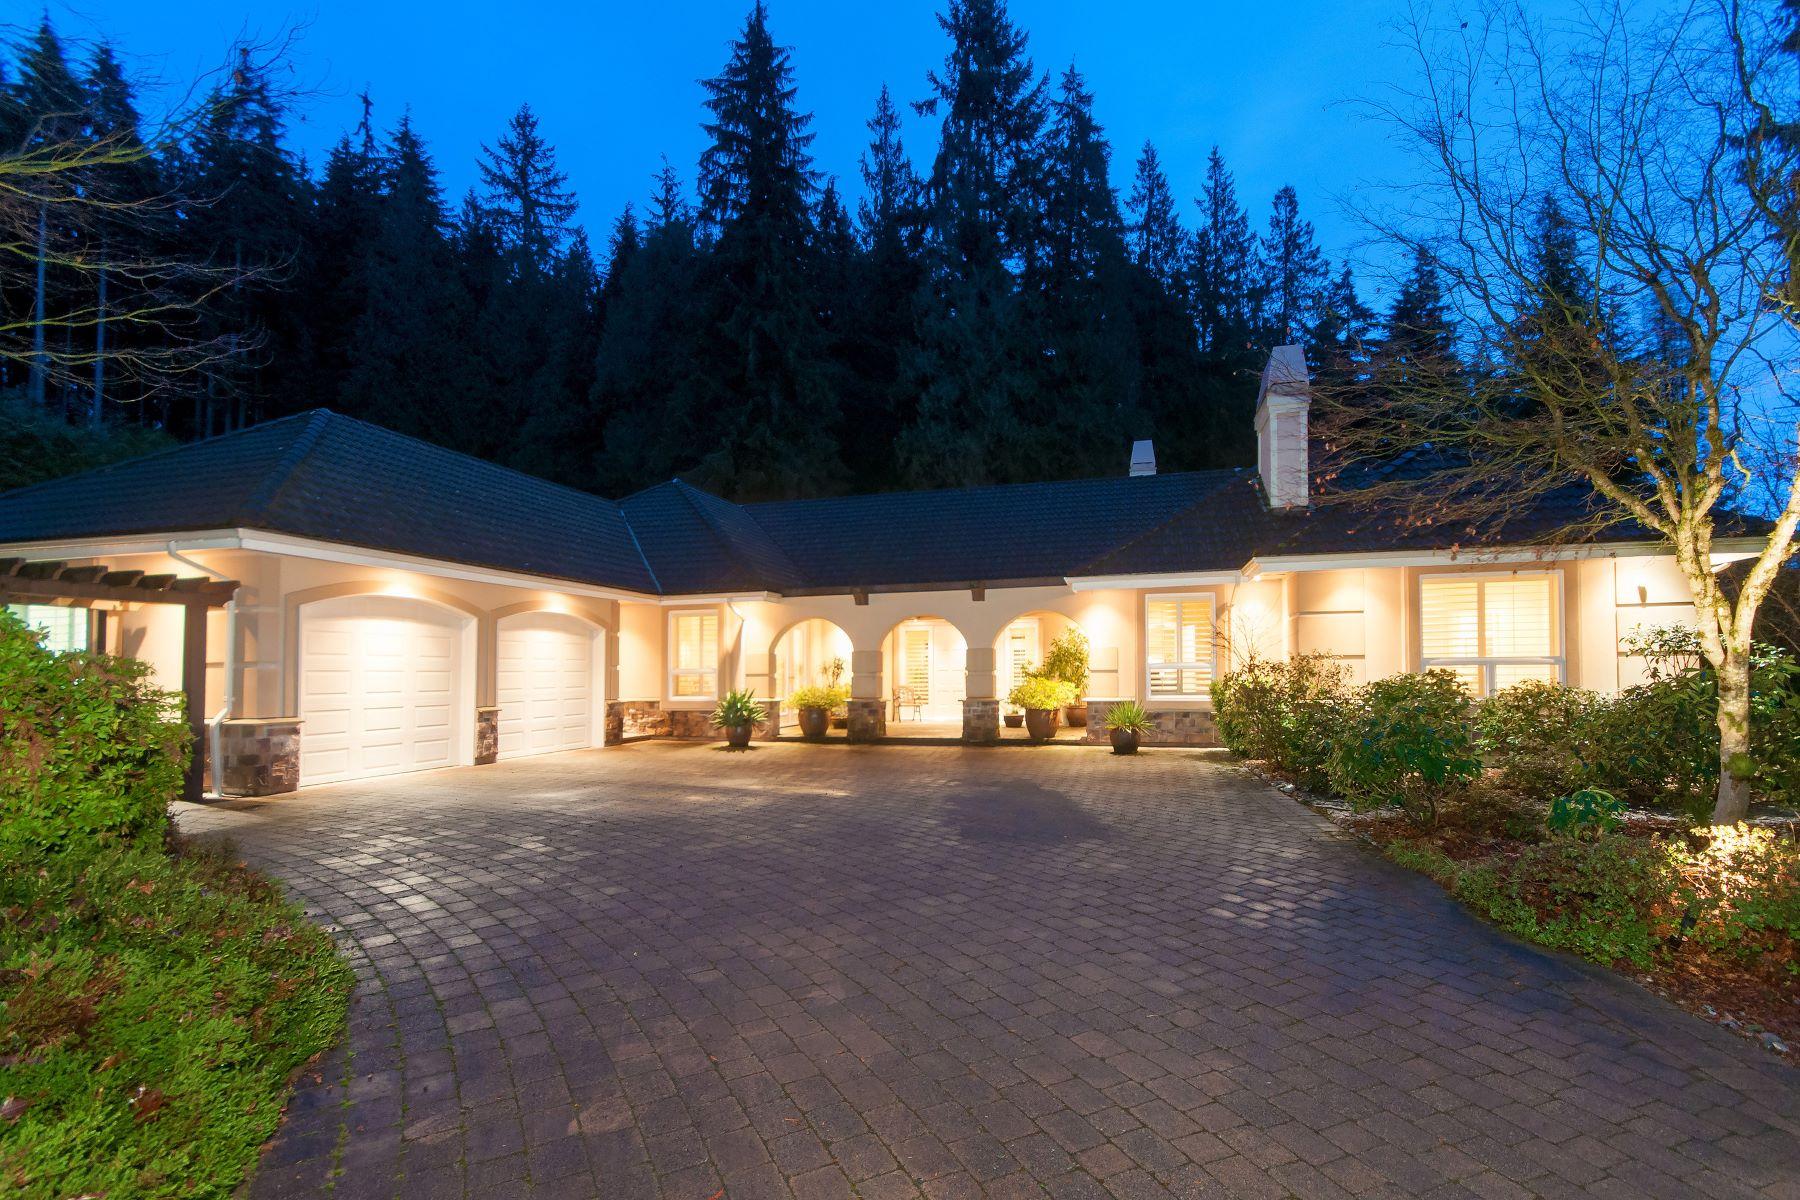 단독 가정 주택 용 매매 에 Ideal 1 Level Living 425 Eastcot Road, West Vancouver, 브리티시 컬럼비아주, V7S 1E3 캐나다